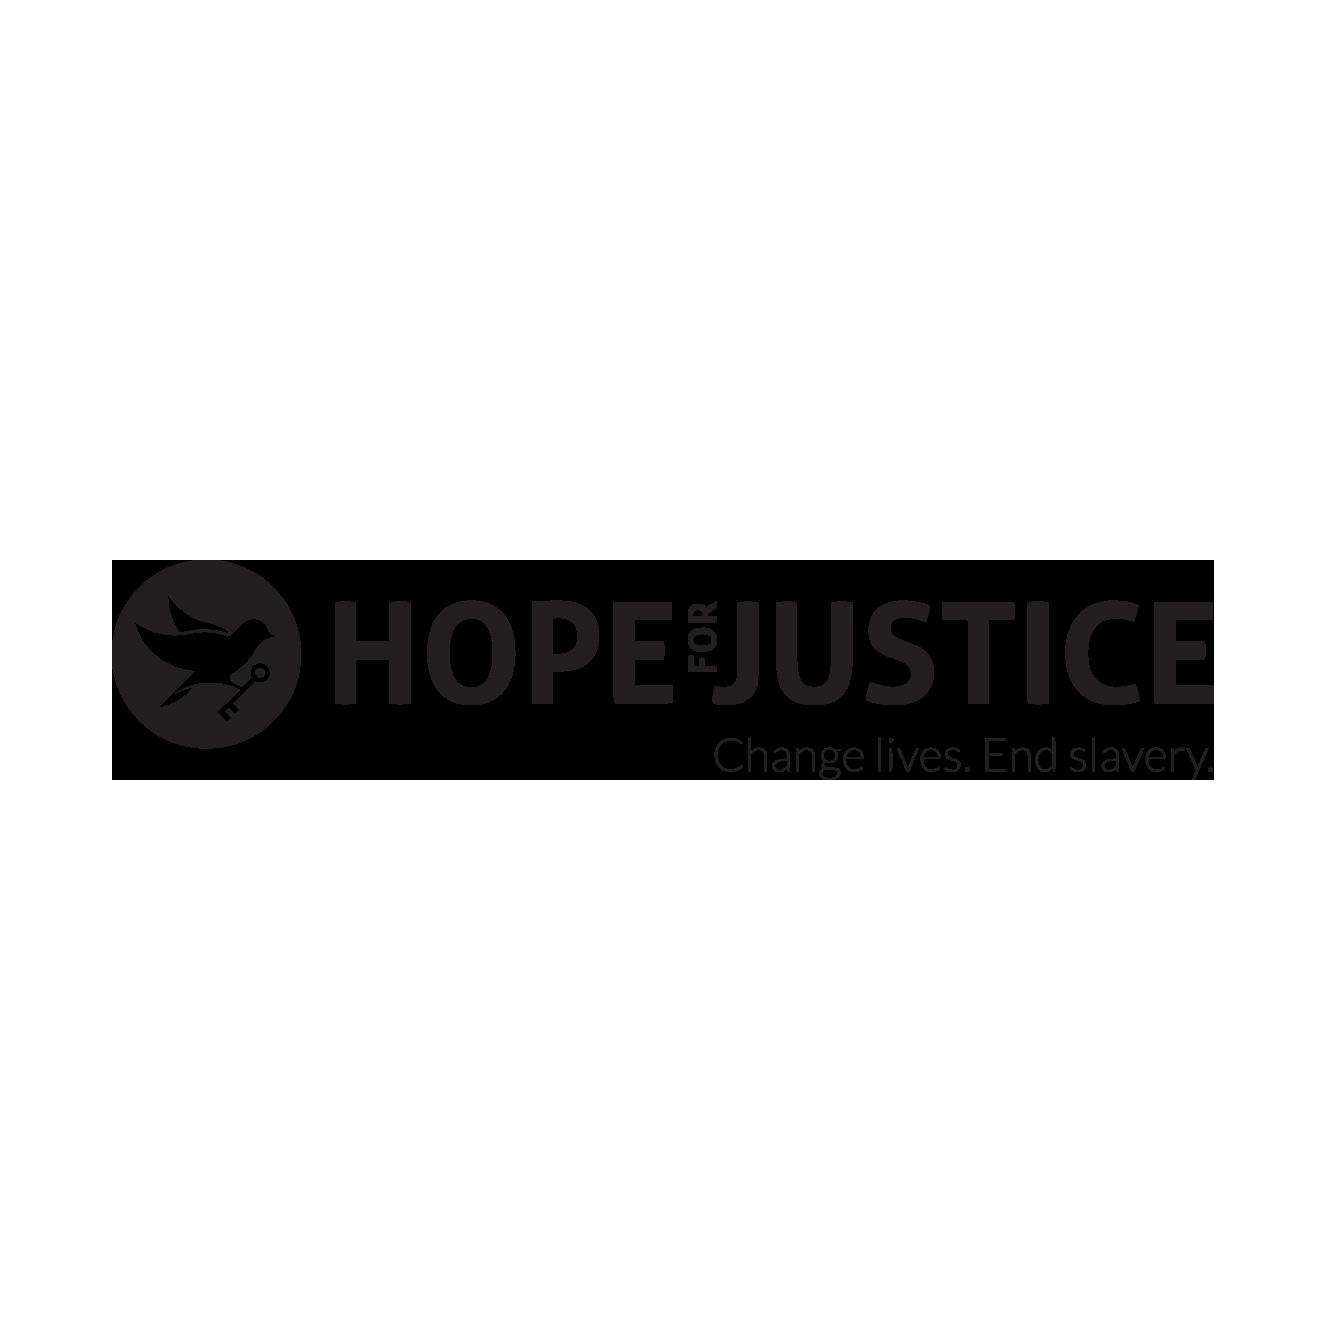 HopeforJustice.png